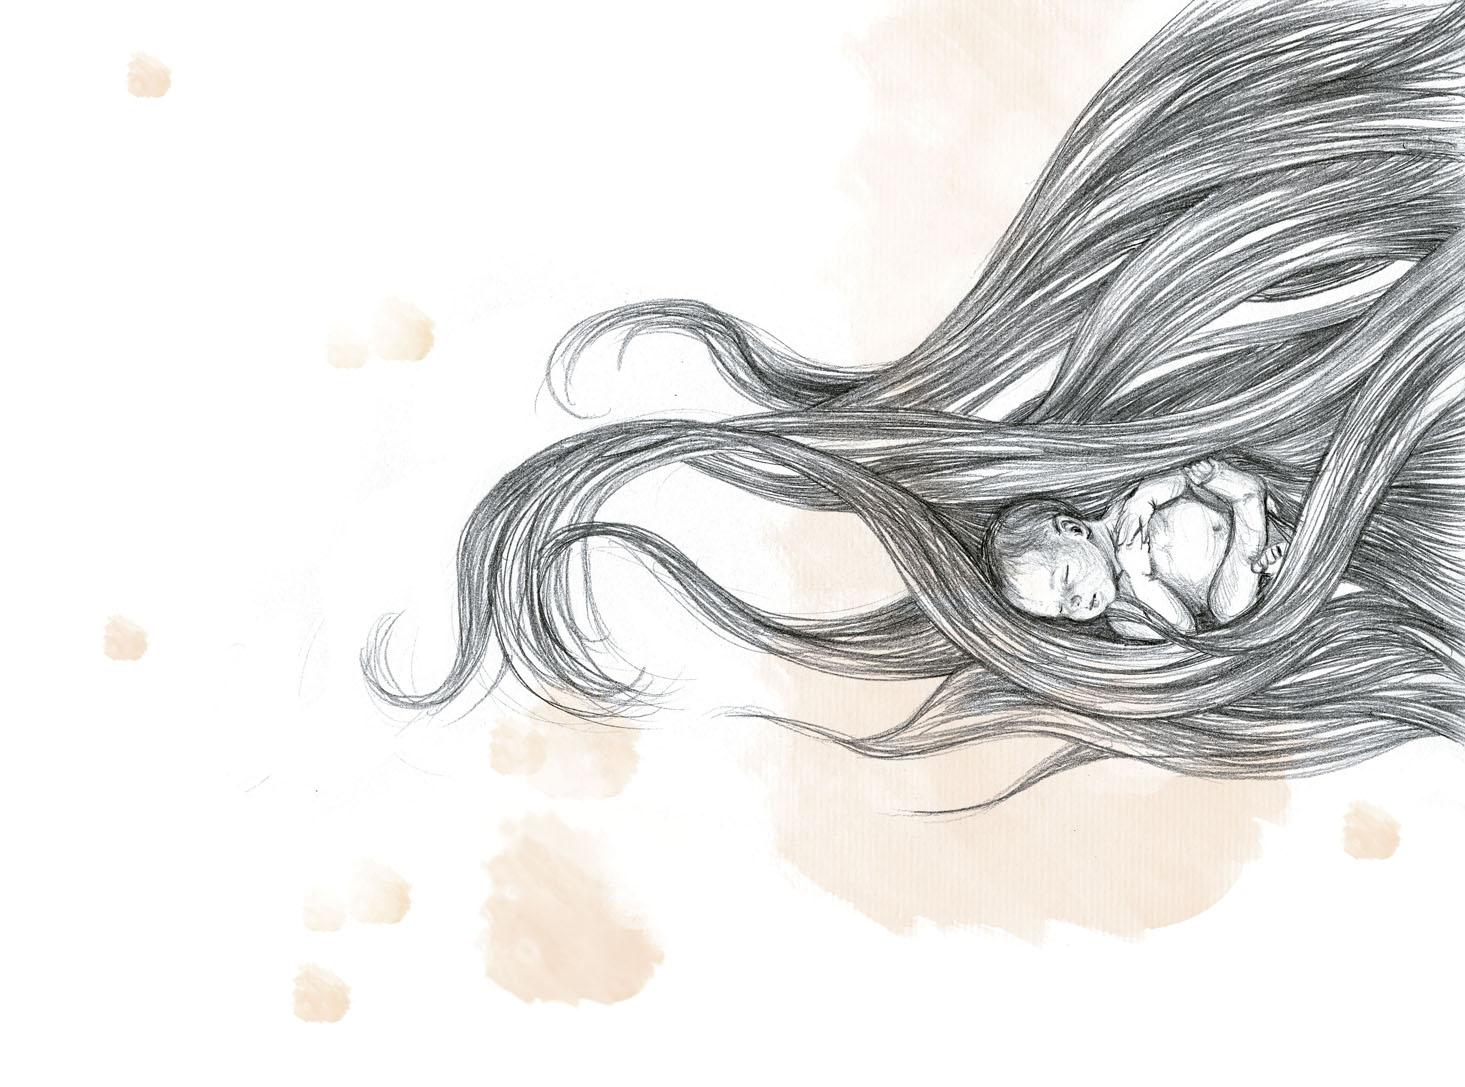 """Ilustración para """"Deseo"""", de Mar Benegas."""